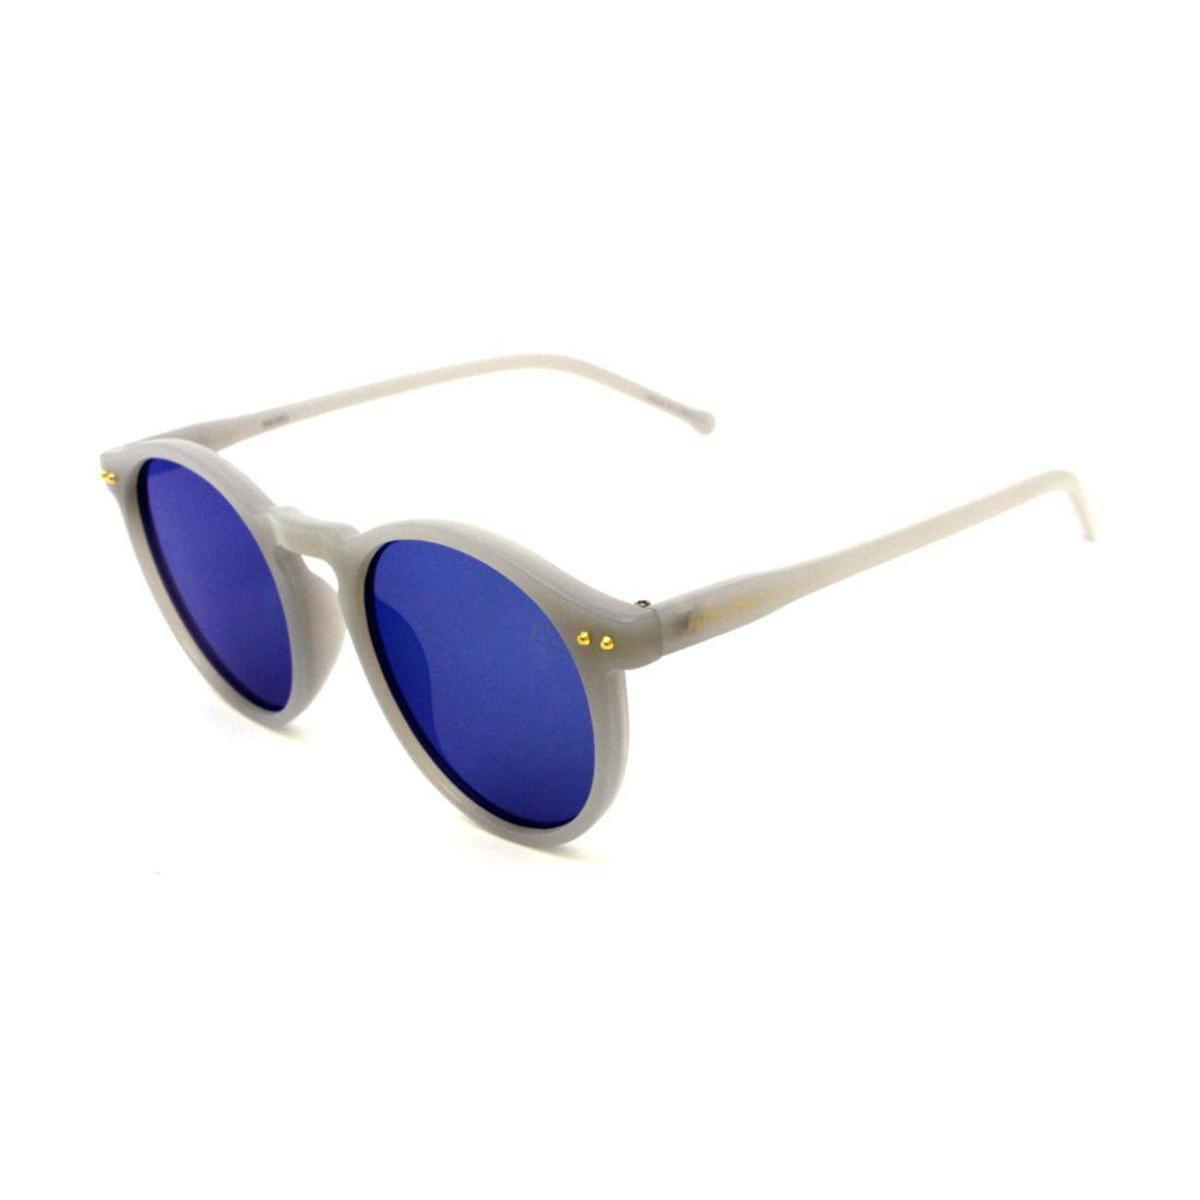 Óculos de Sol Khatto Simple Round Feminino - Compre Agora   Zattini 6726568439